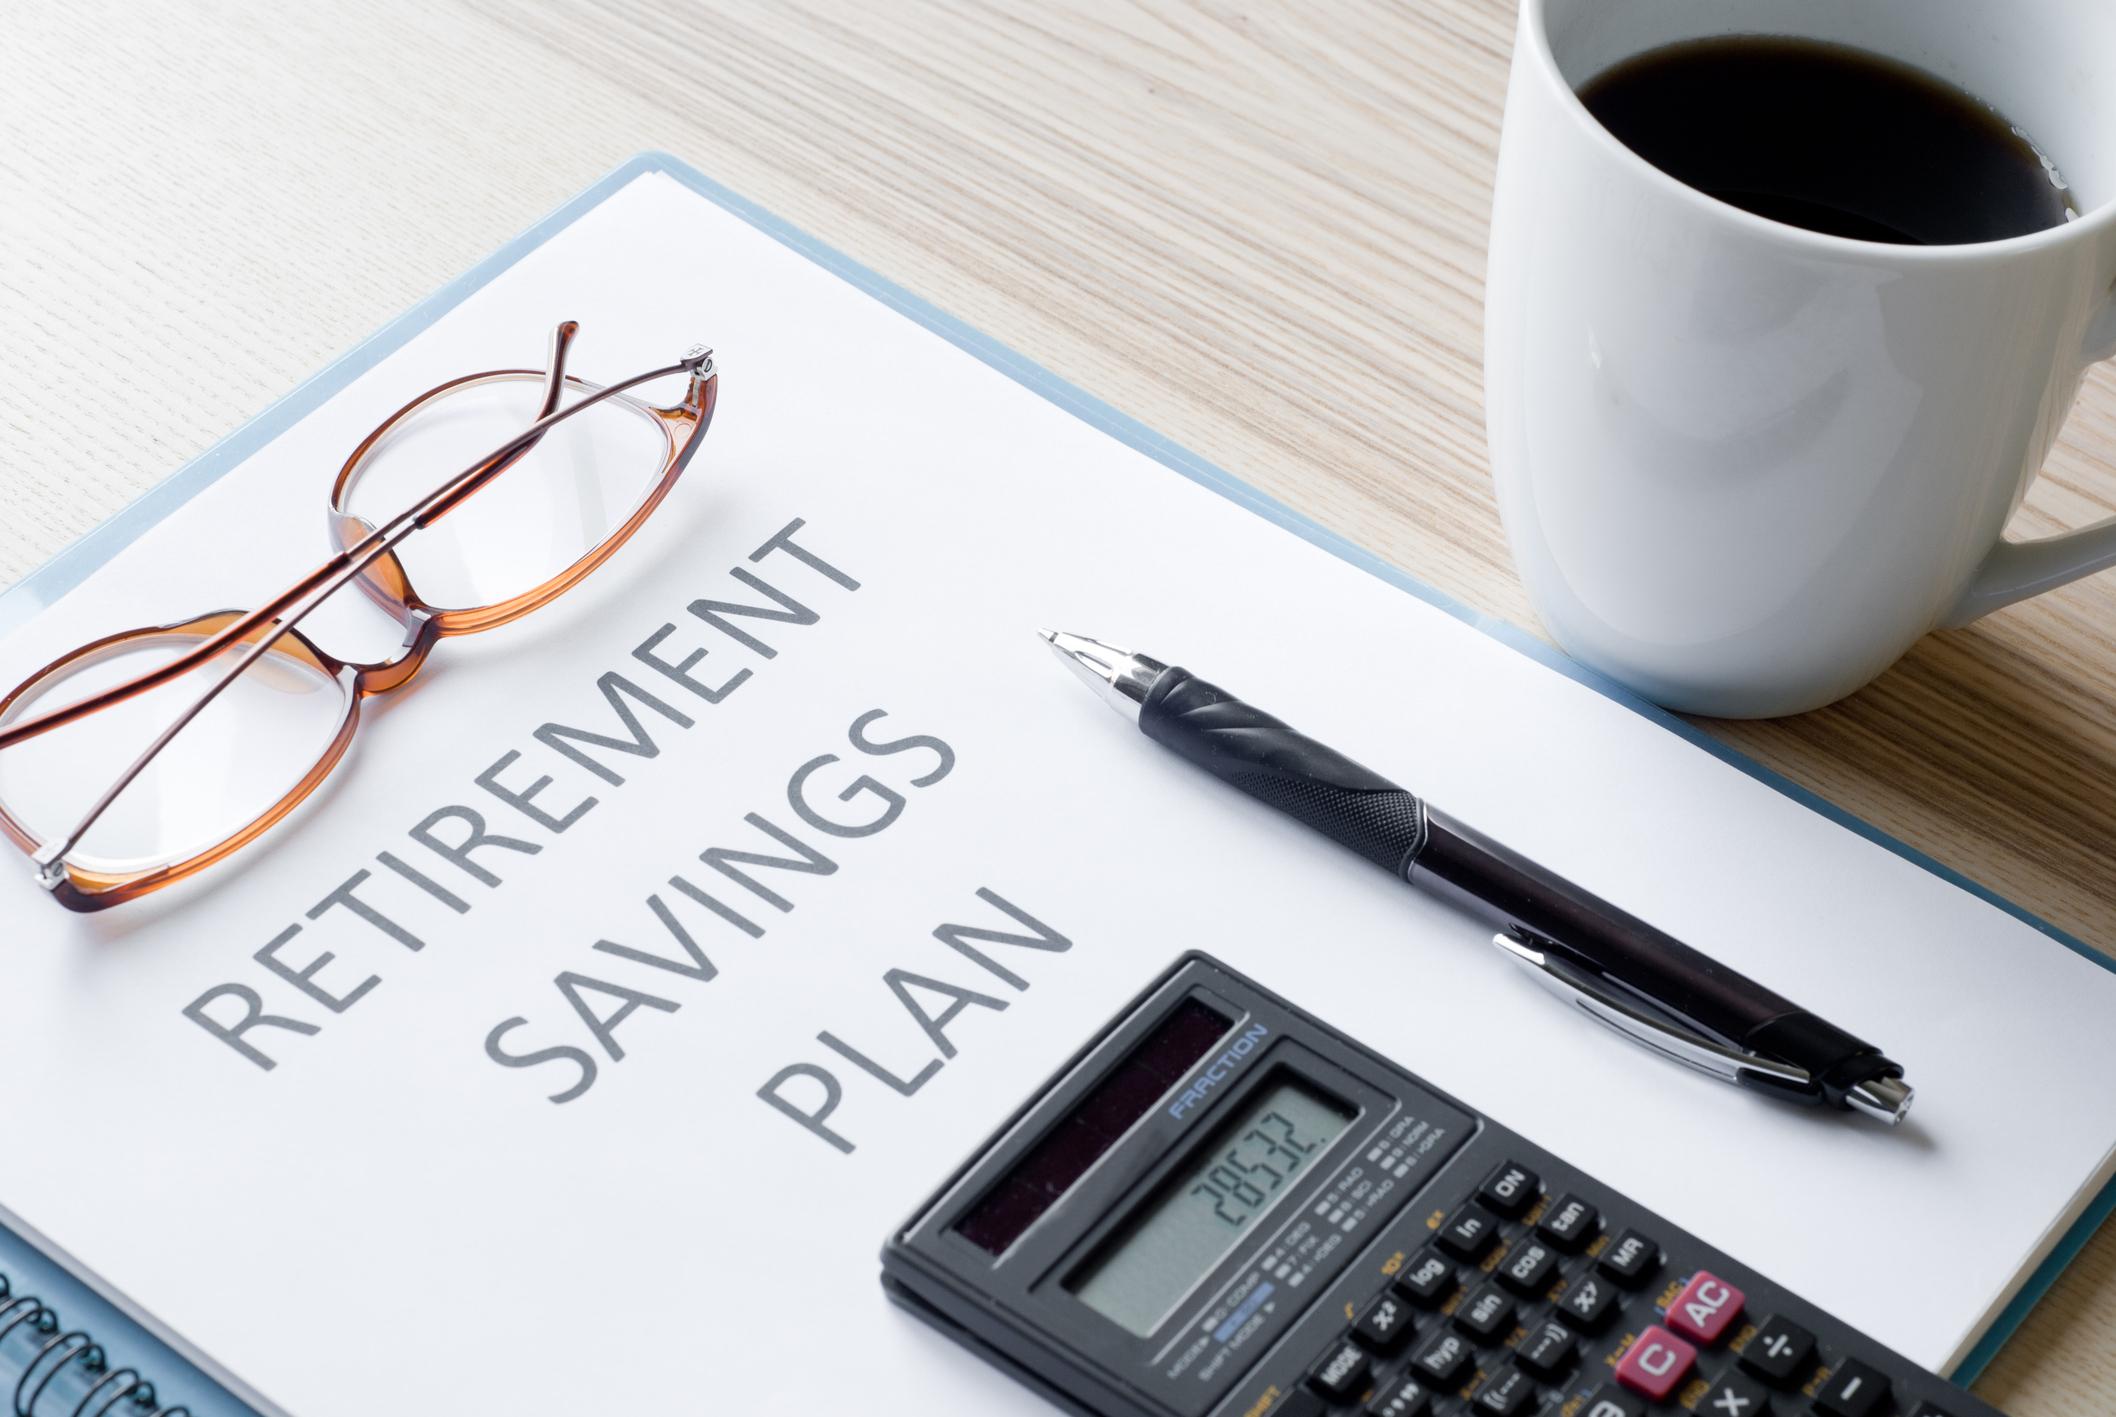 Binder labeled retirement savings plan.